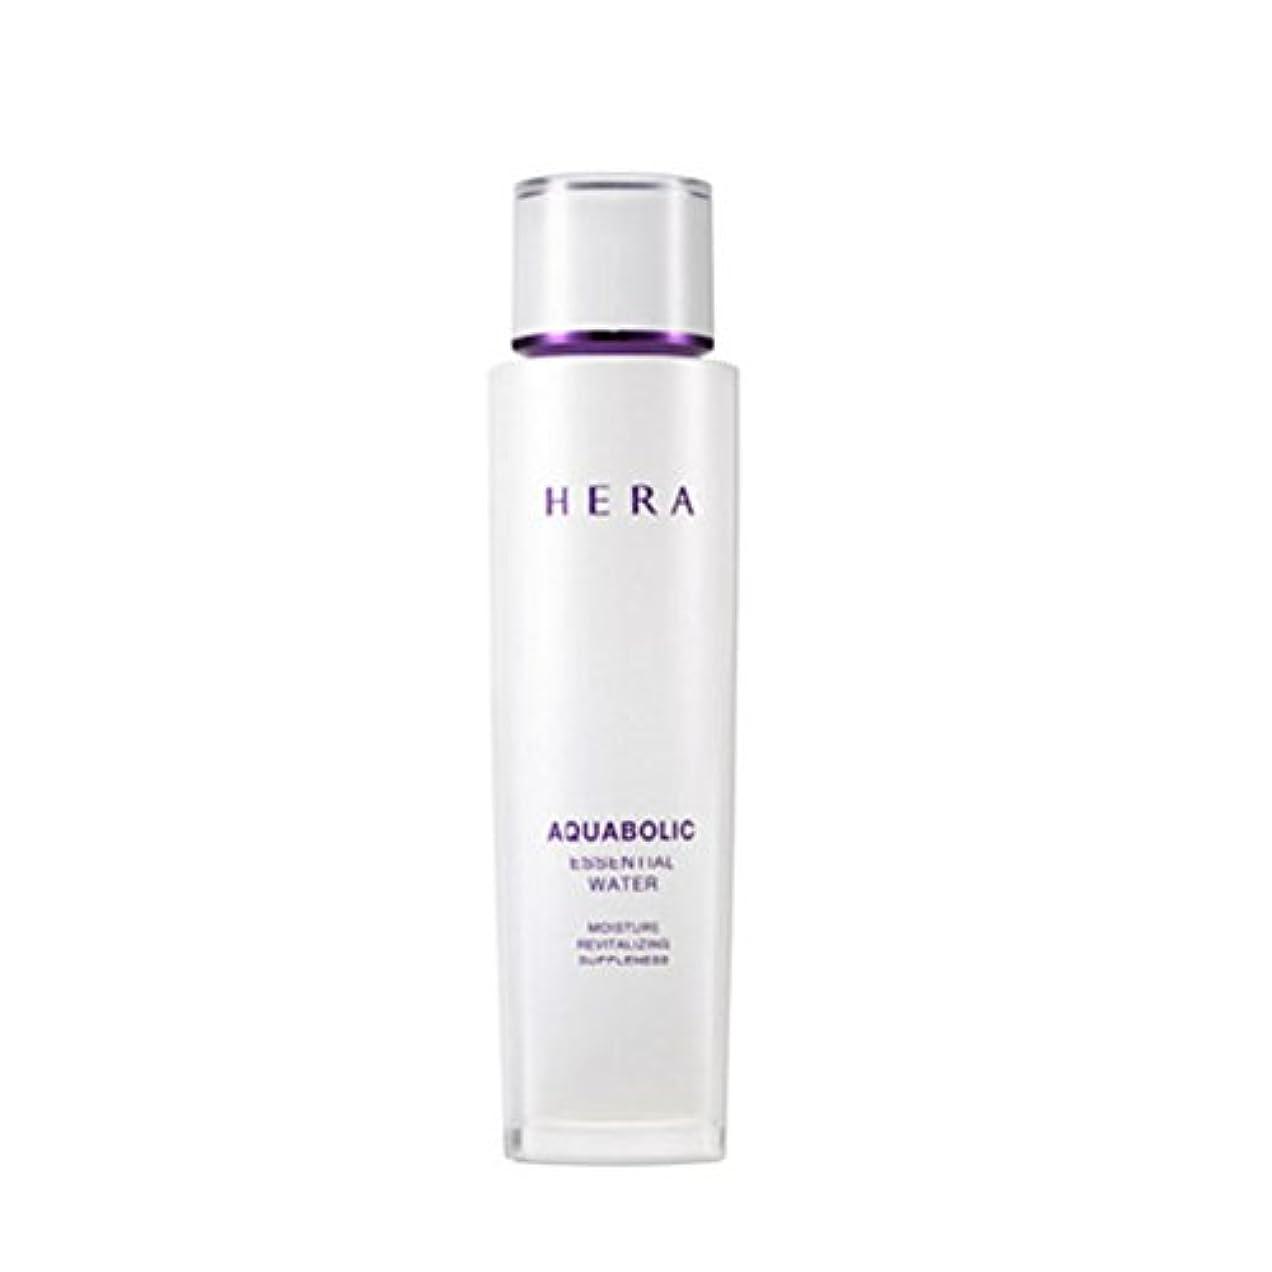 遺伝子診療所行方不明(ヘラ) HERA Aquabolic Essential Water アクアボルリクエッセンシャルウオーター (韓国直発送) oopspanda